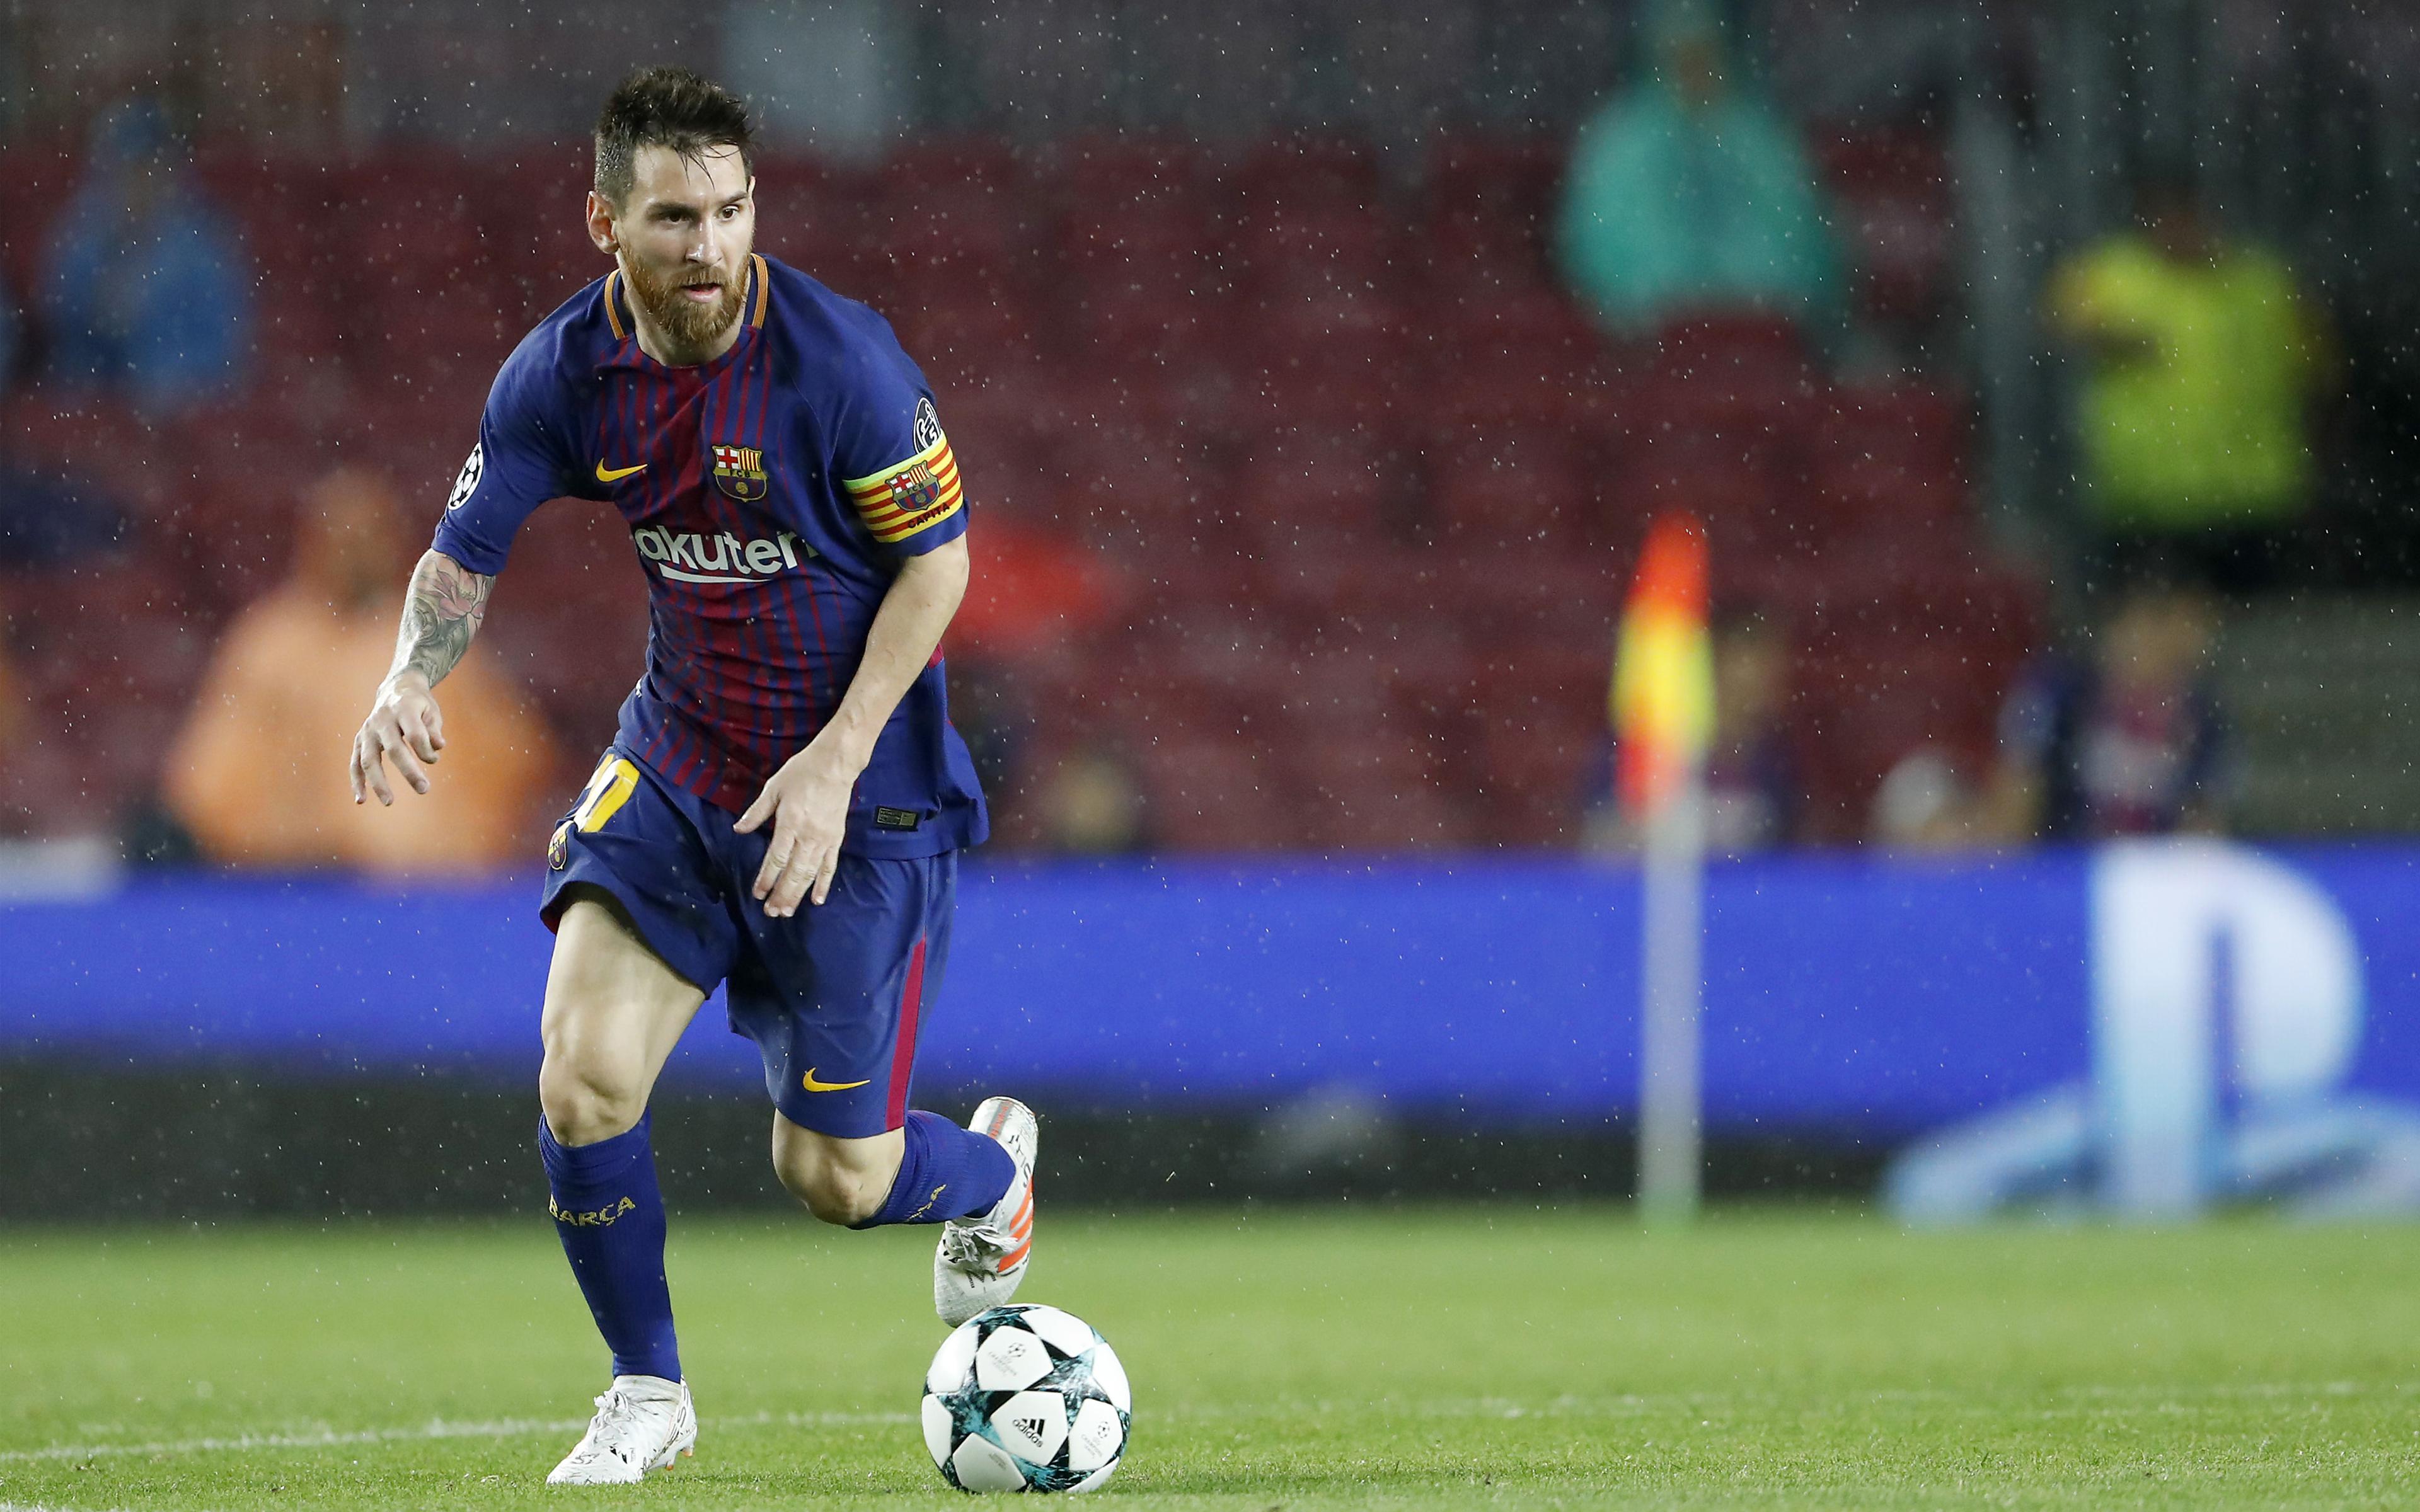 Лионель Месси ФК Барселона обои скачать